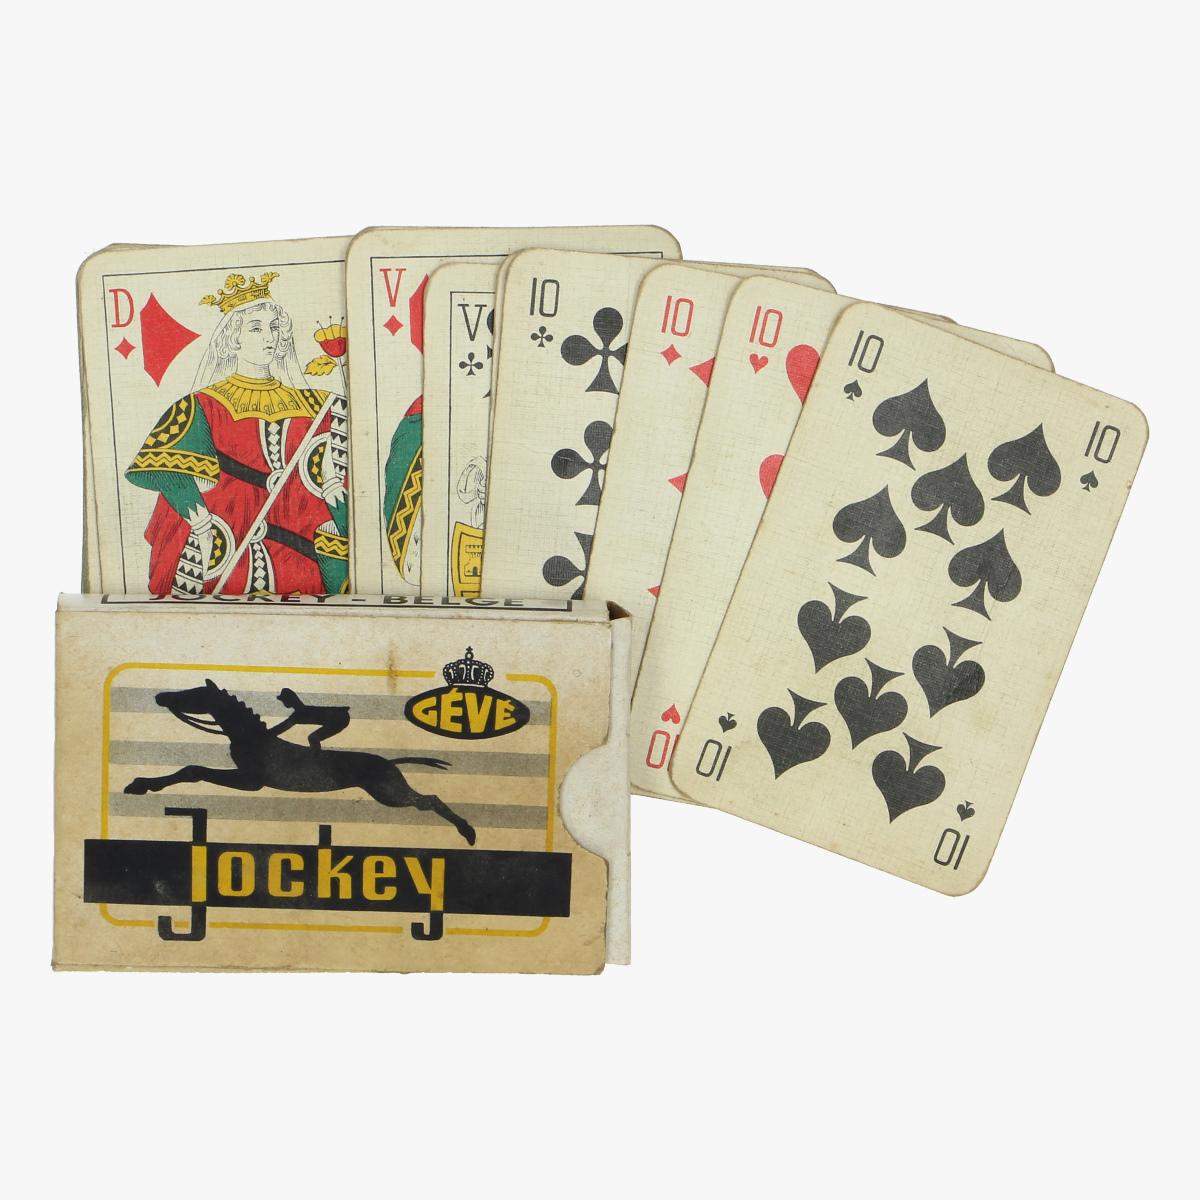 Afbeeldingen van oud spel kaarten jockey-Belge